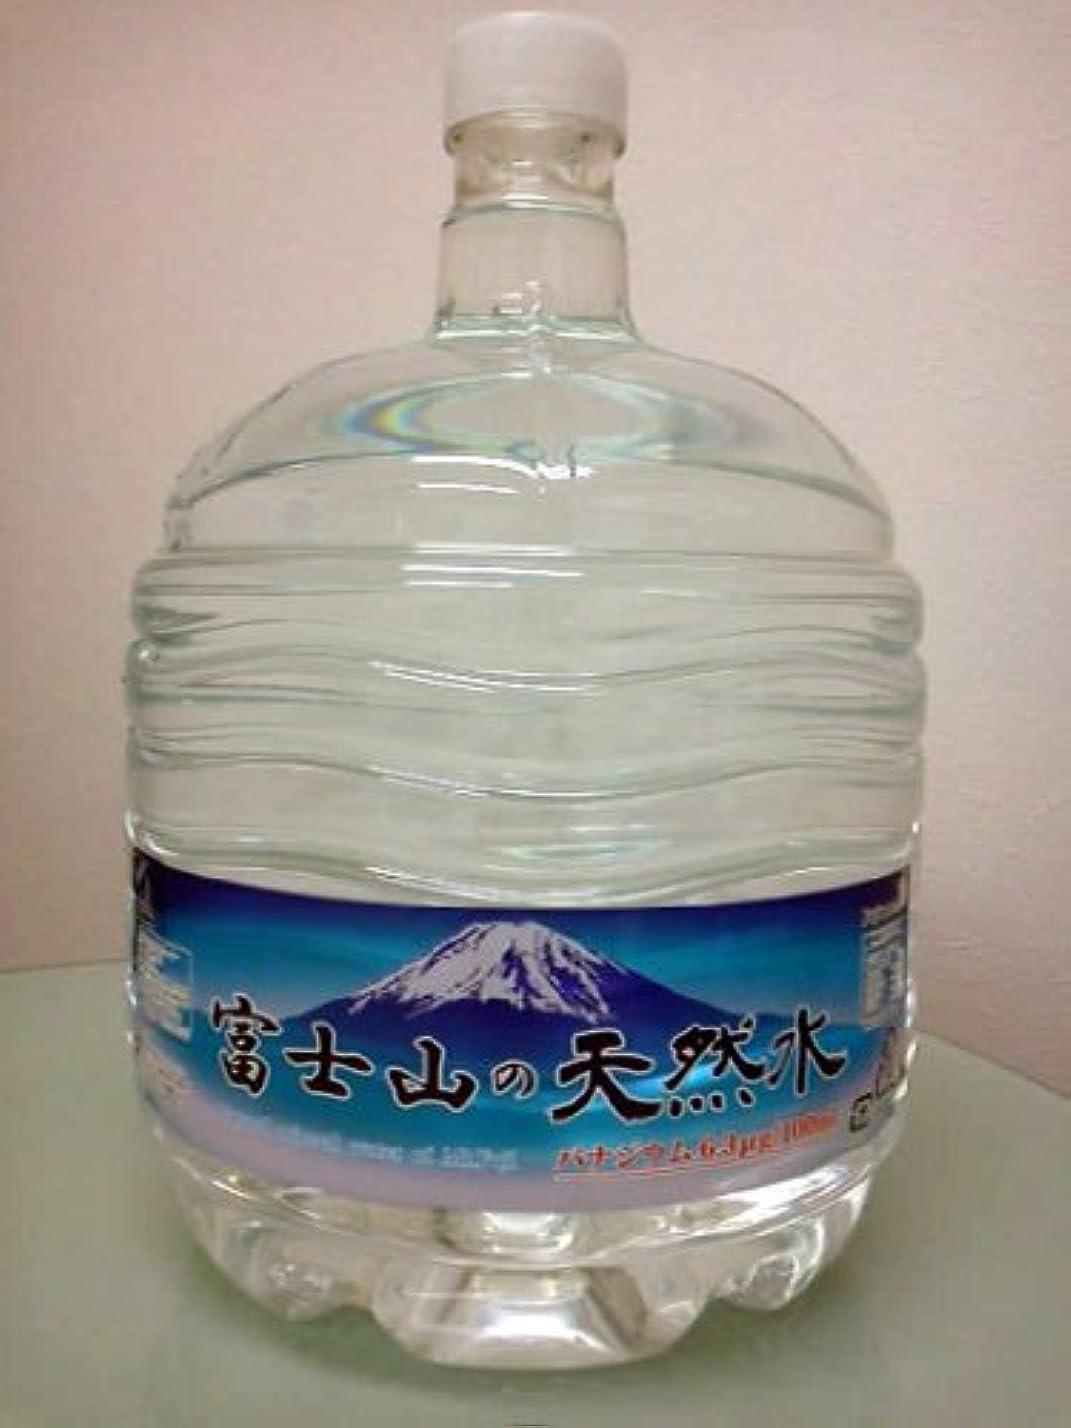 ブート改善する消防士FUJI BEAUTY 富士の天然水 バナジウム6.3μg/1000ml サーバー専用